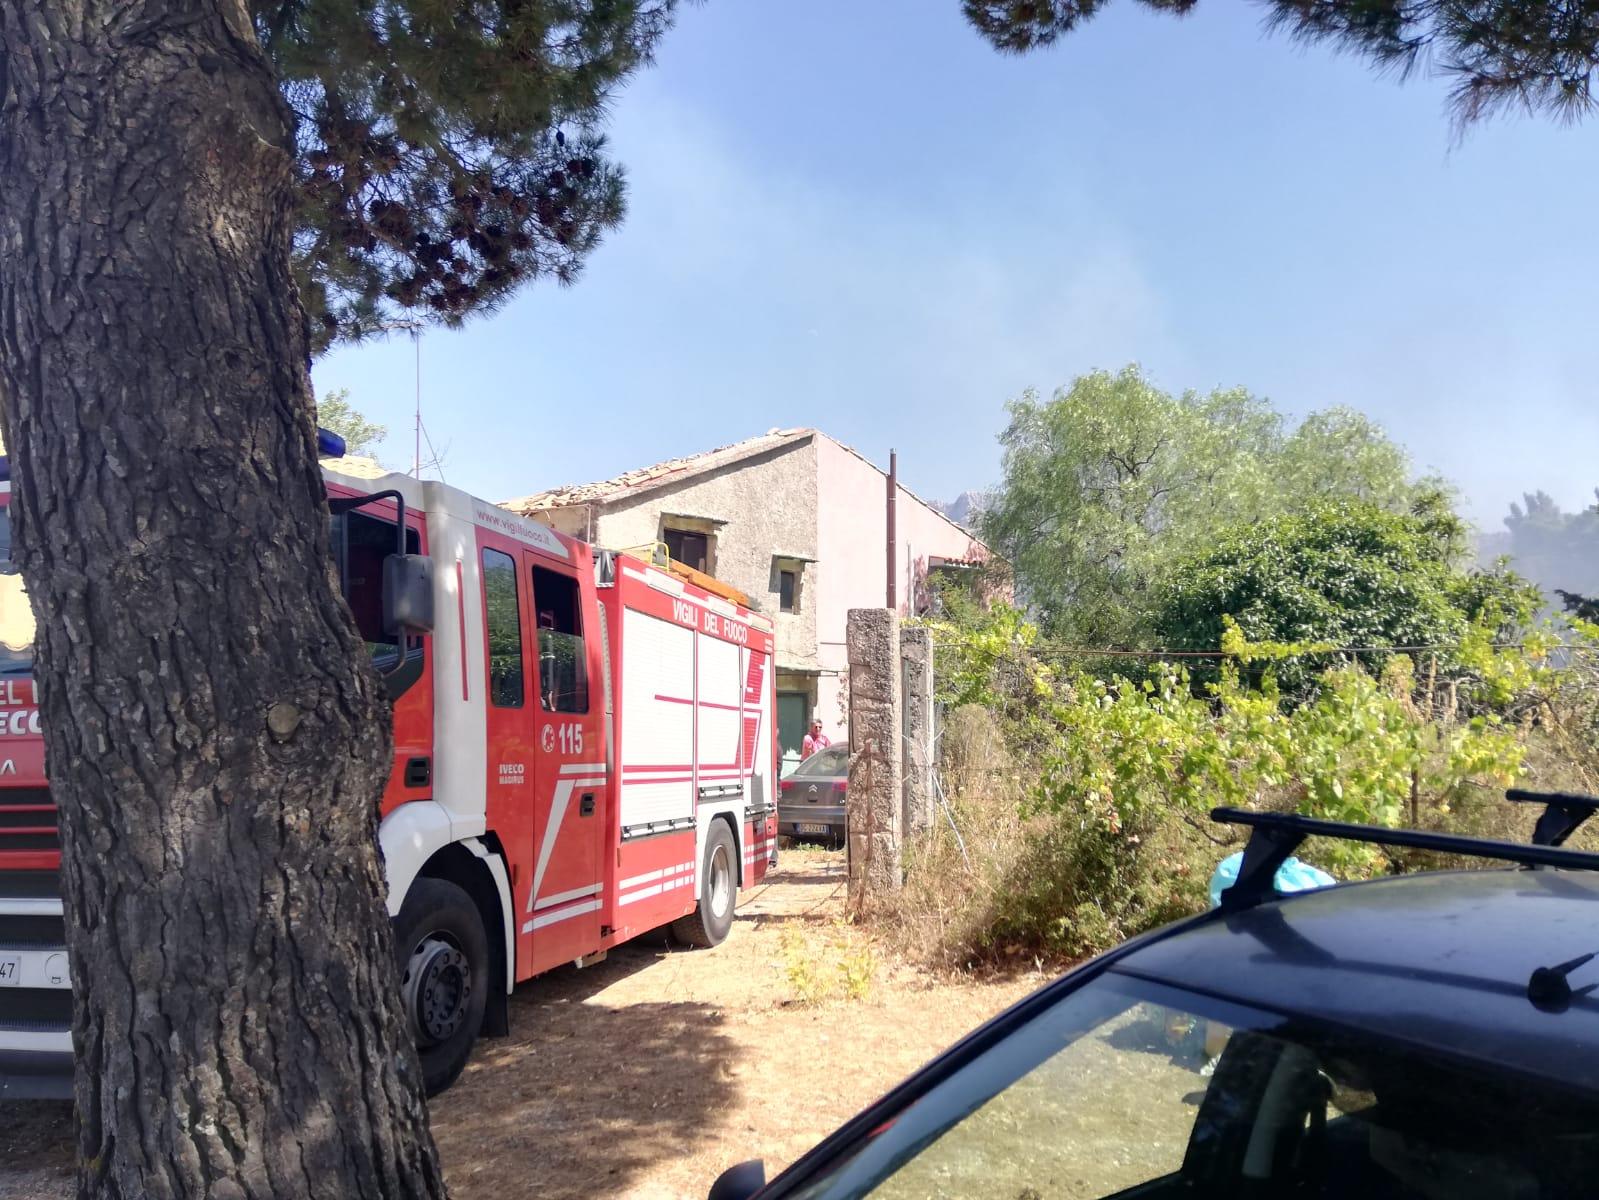 Fuoco tra le abitazioni, evacuate alcune villette a Pioppo e Giacalone